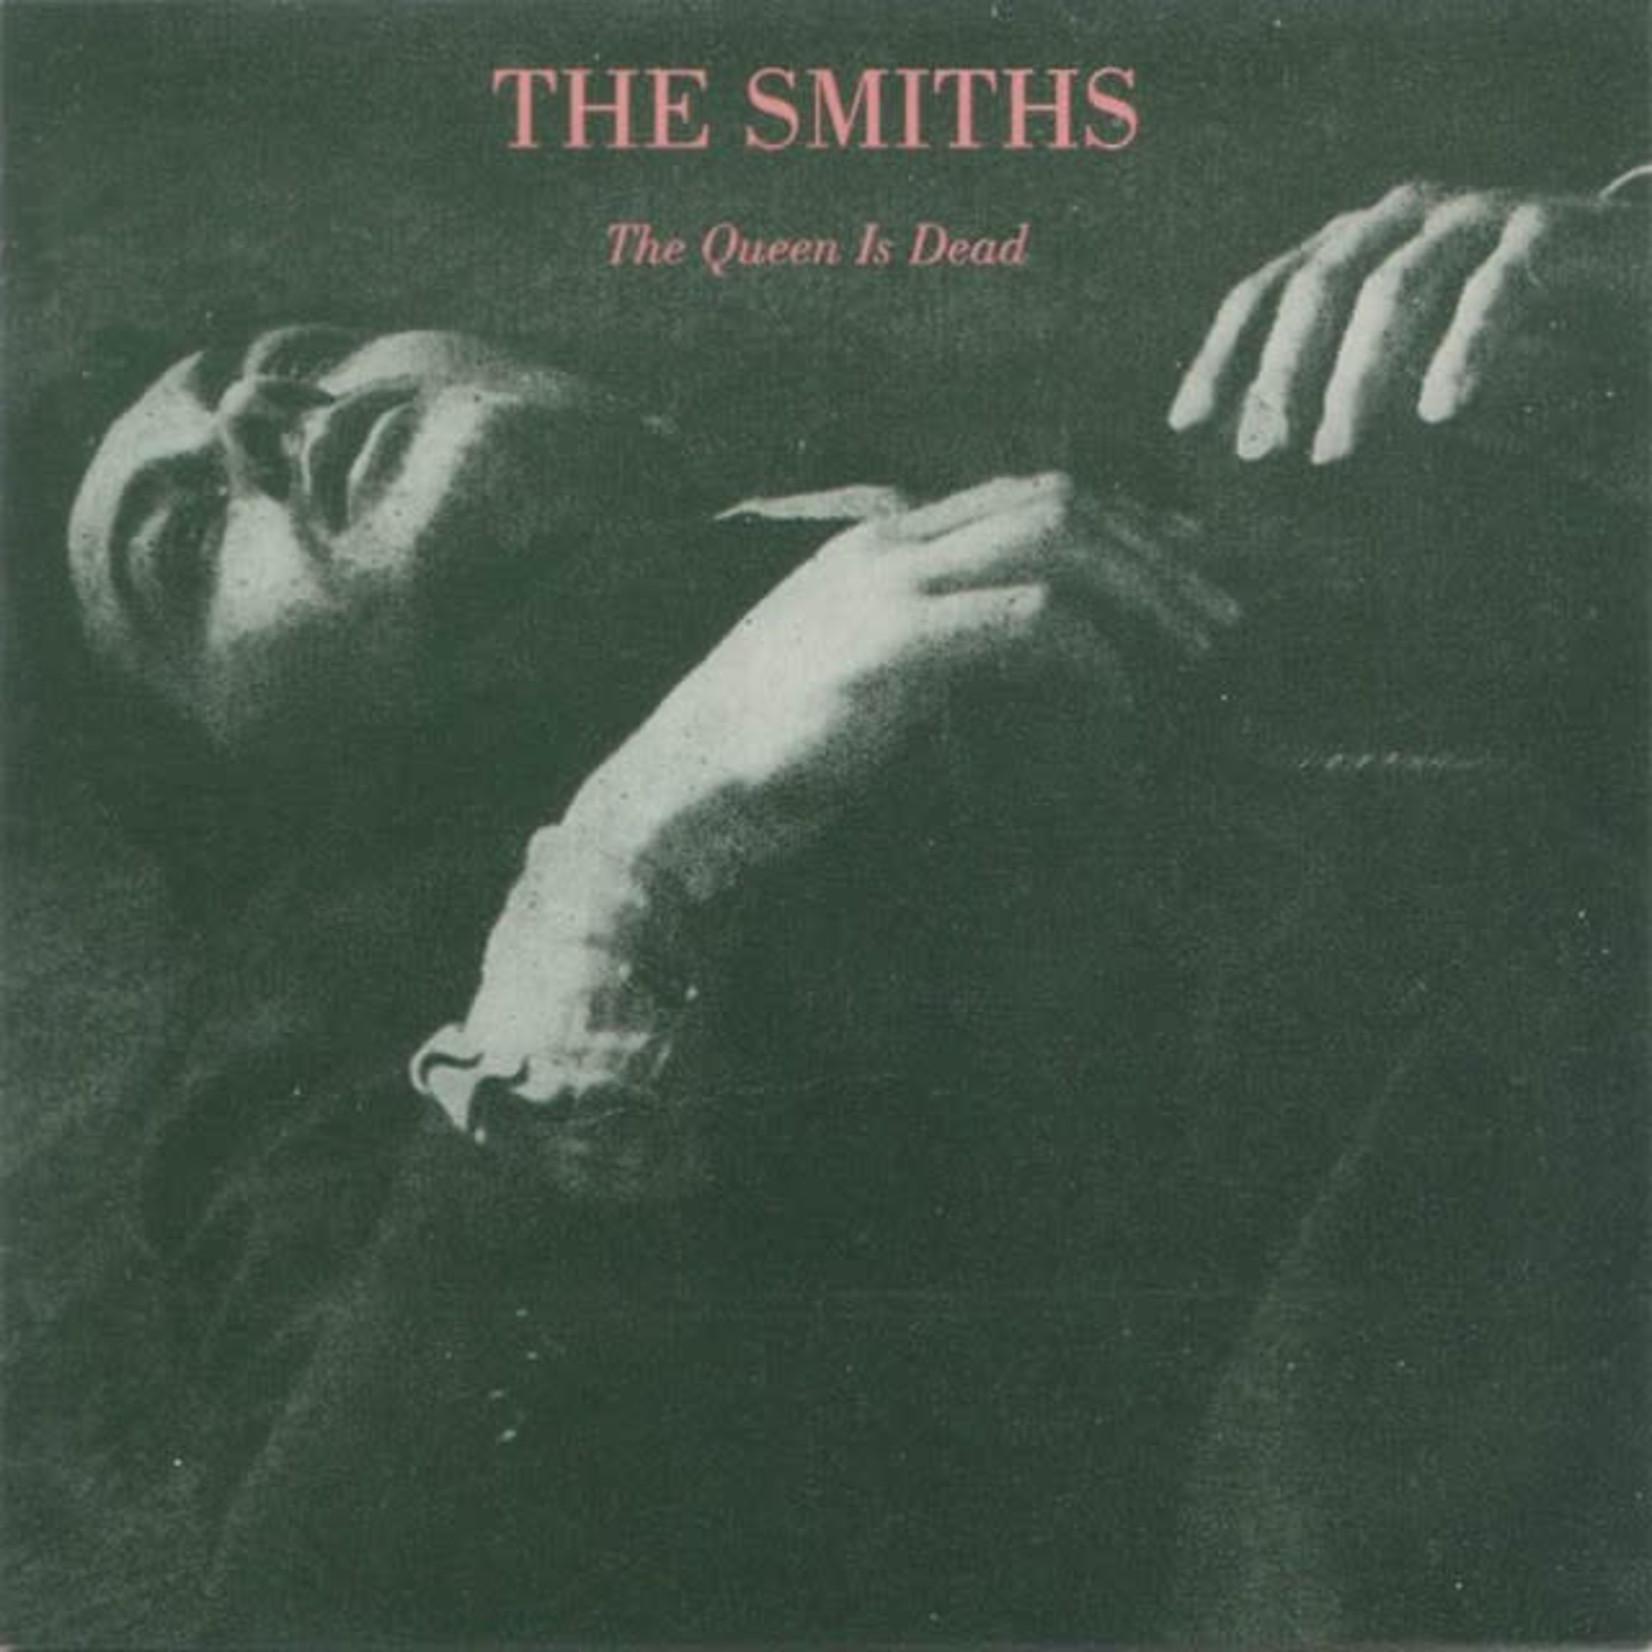 Vinyl The Smiths - The Queen is Dead (UK Import)